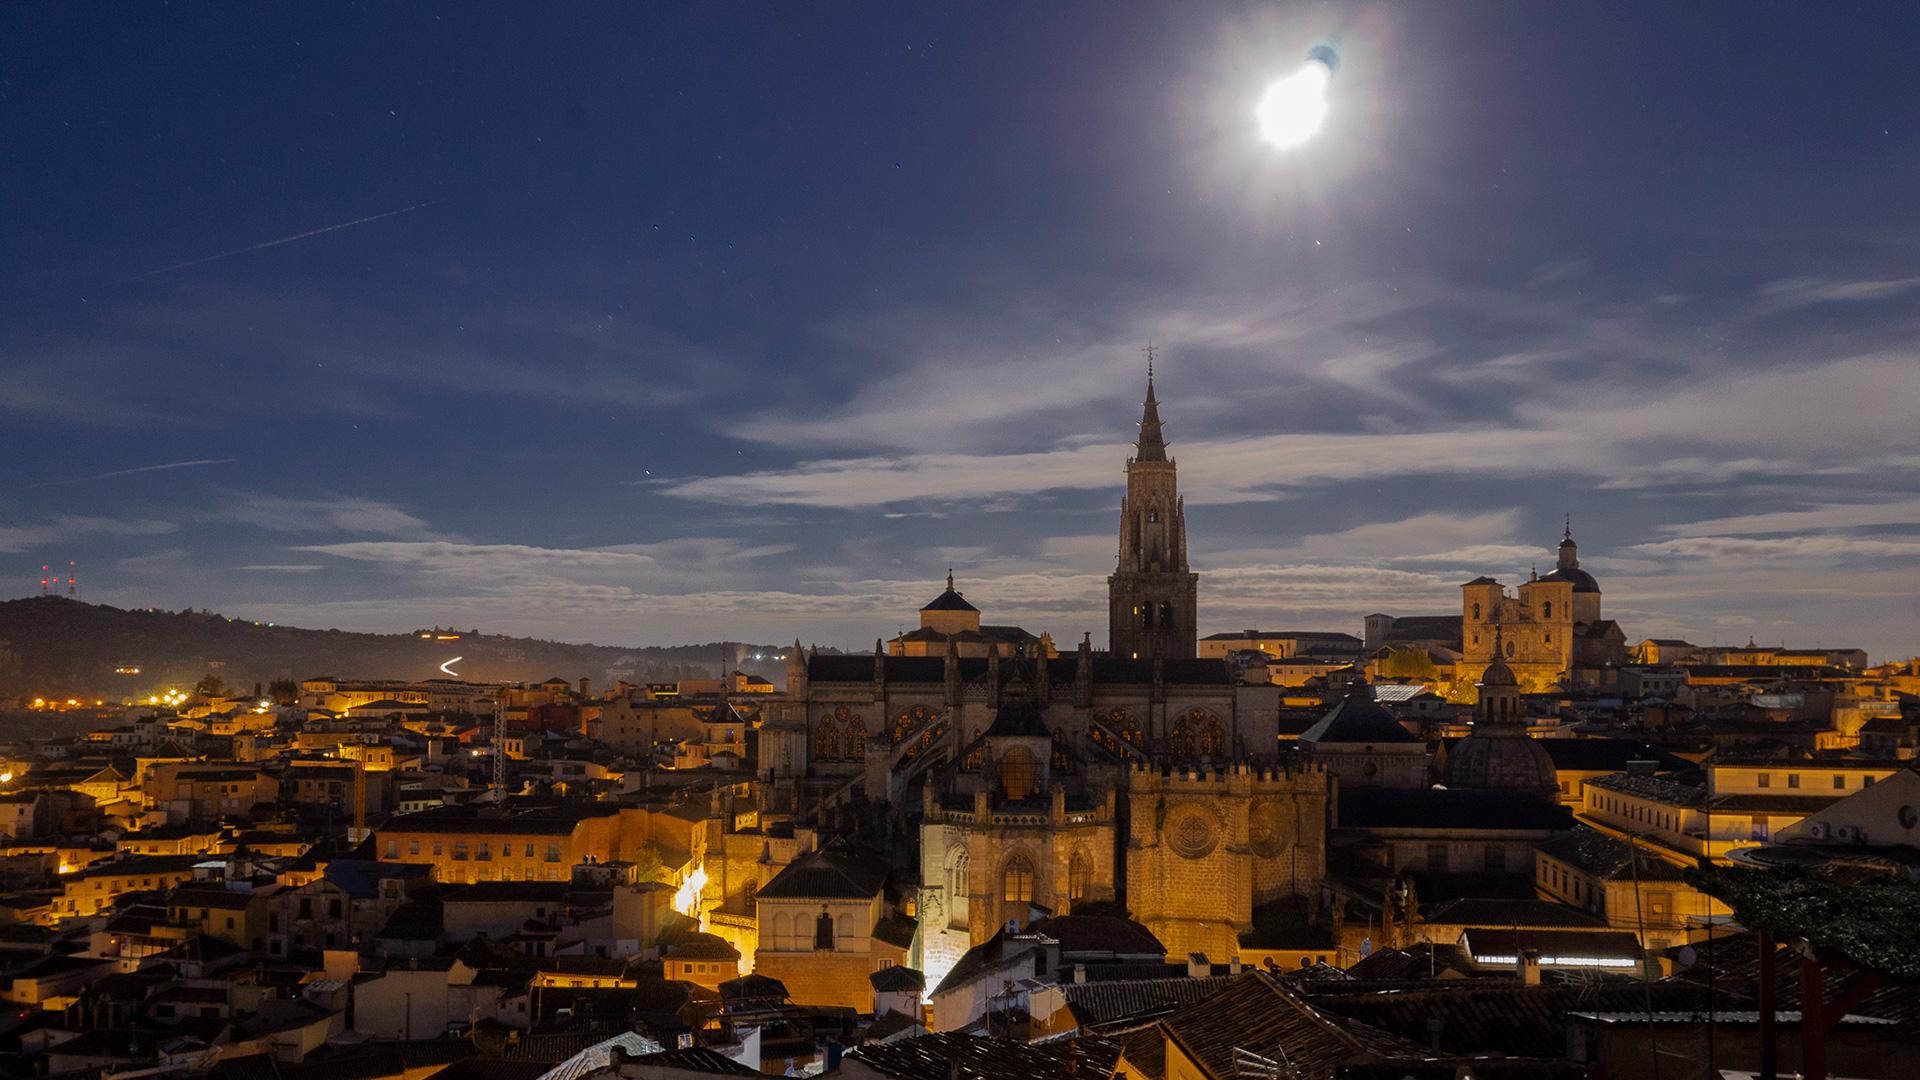 Evening in Toledo